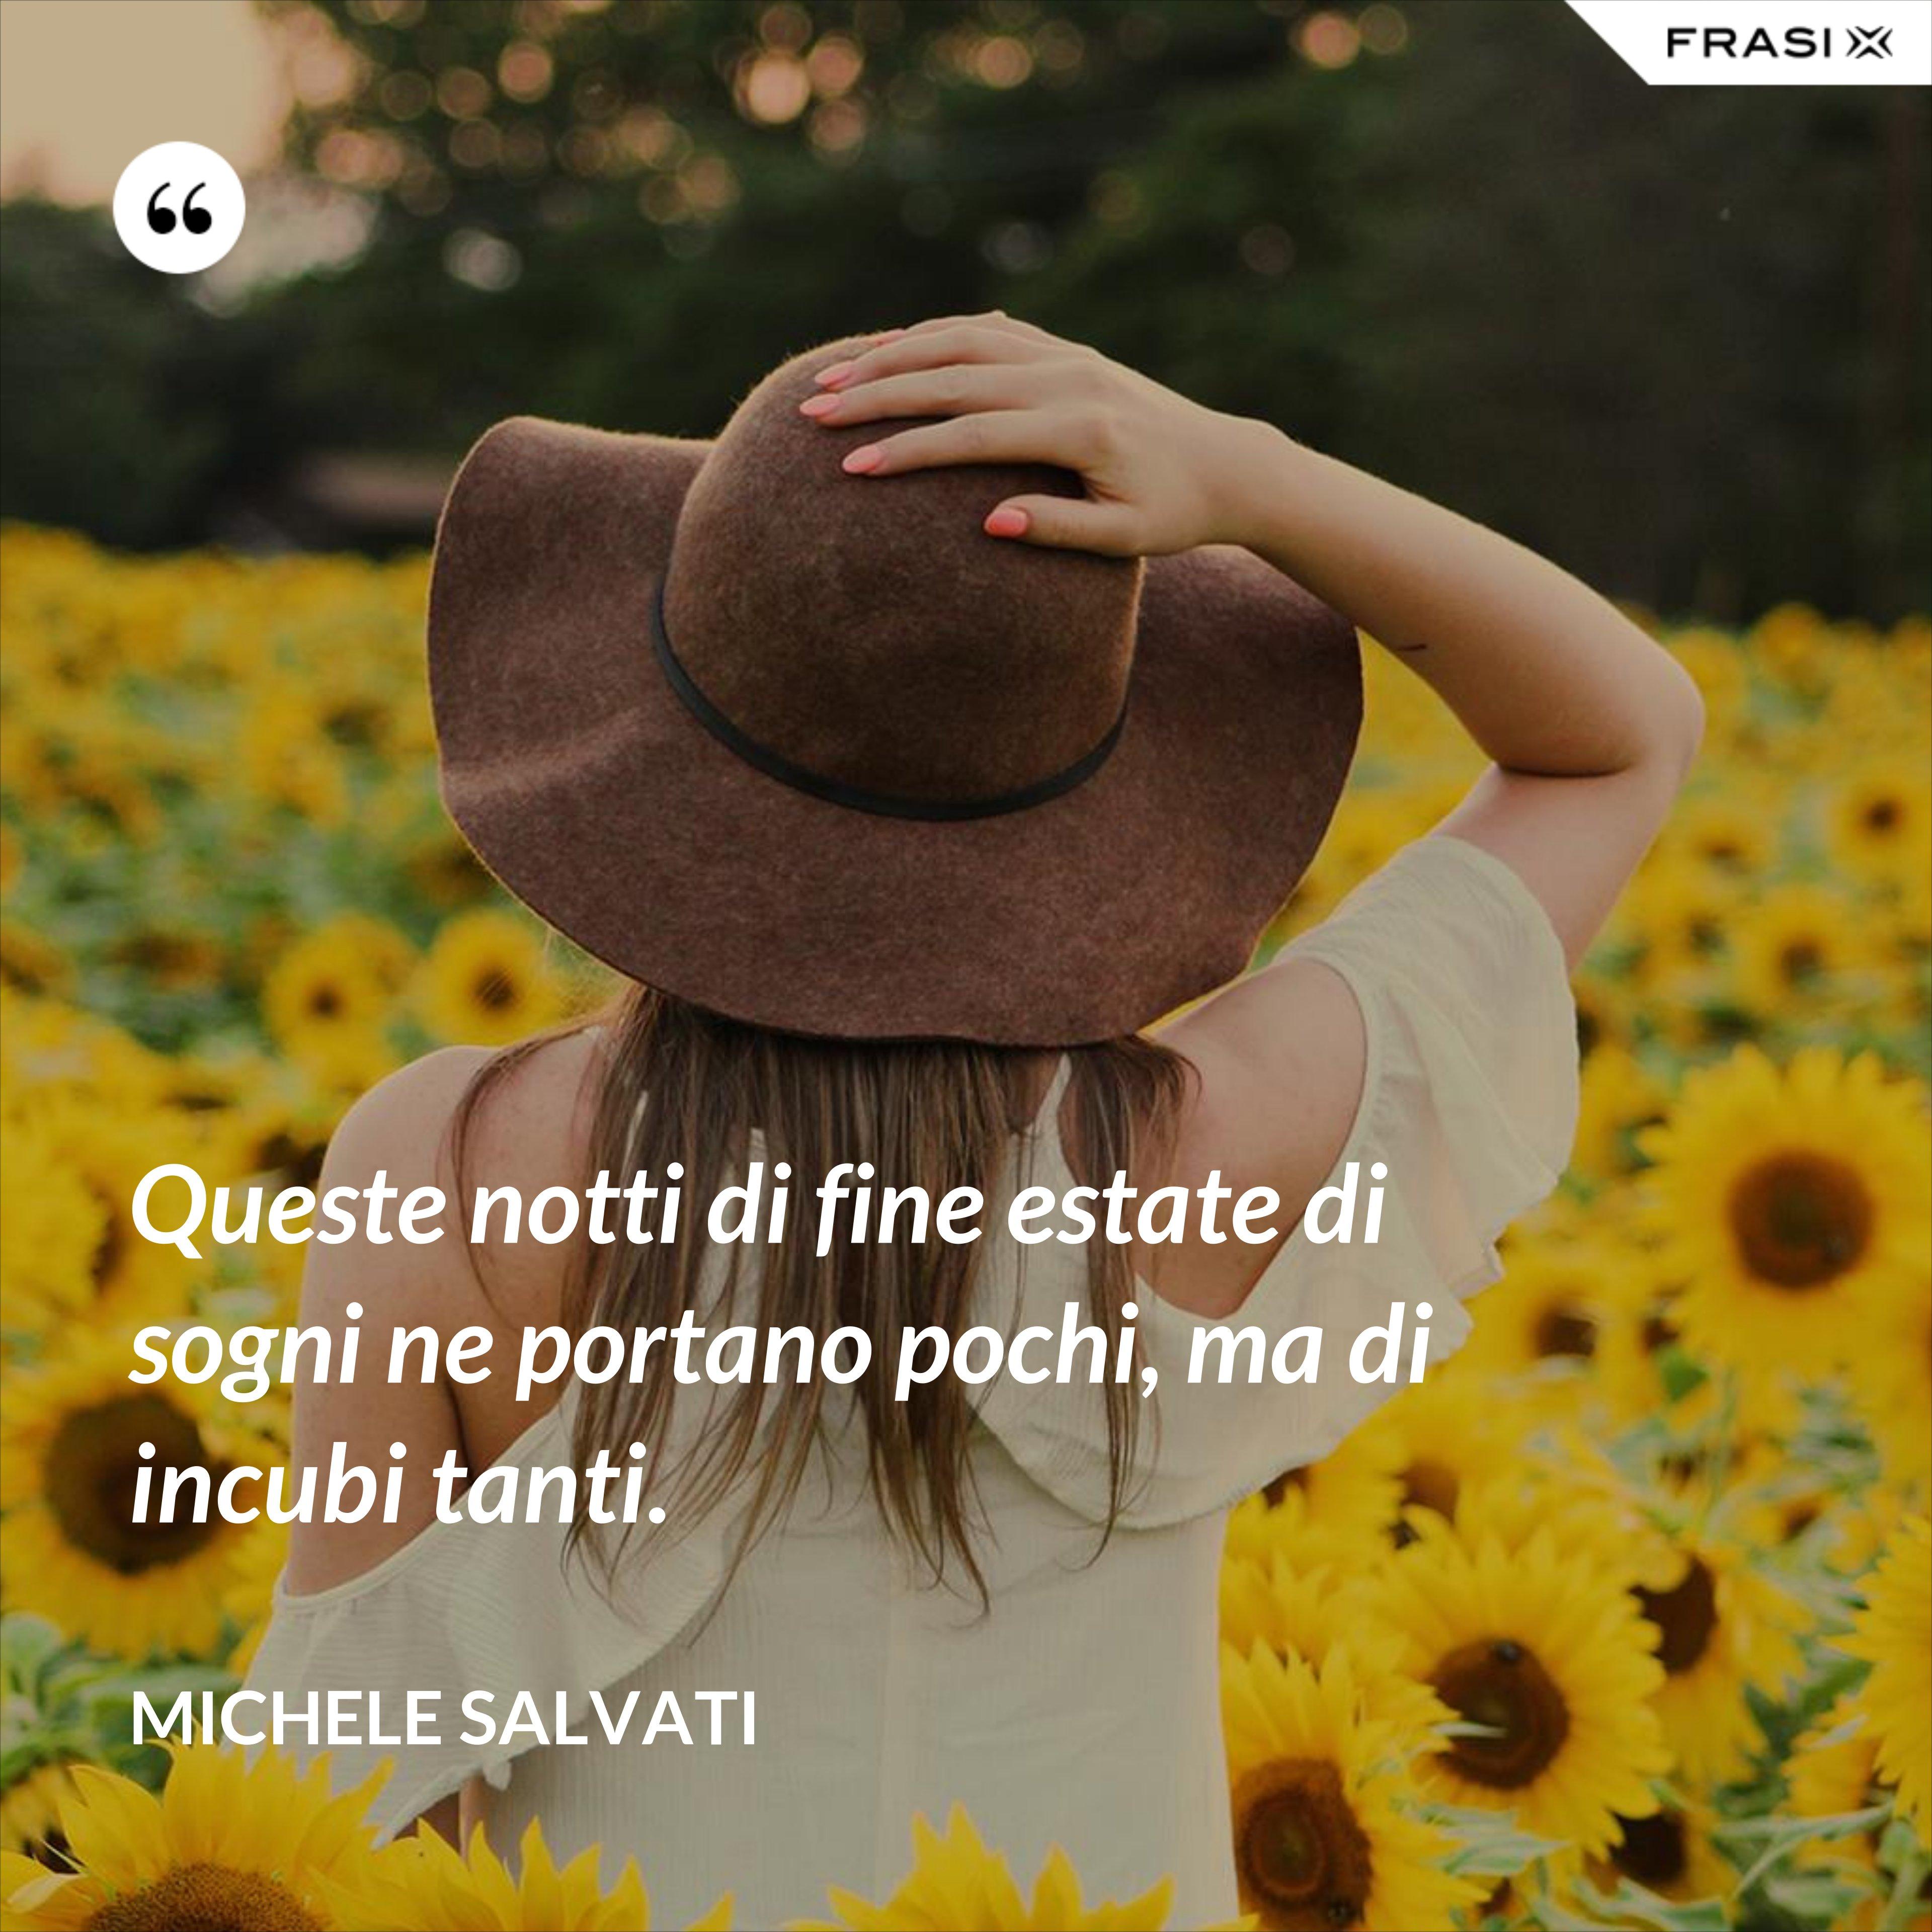 Queste notti di fine estate di sogni ne portano pochi, ma di incubi tanti. - Michele Salvati